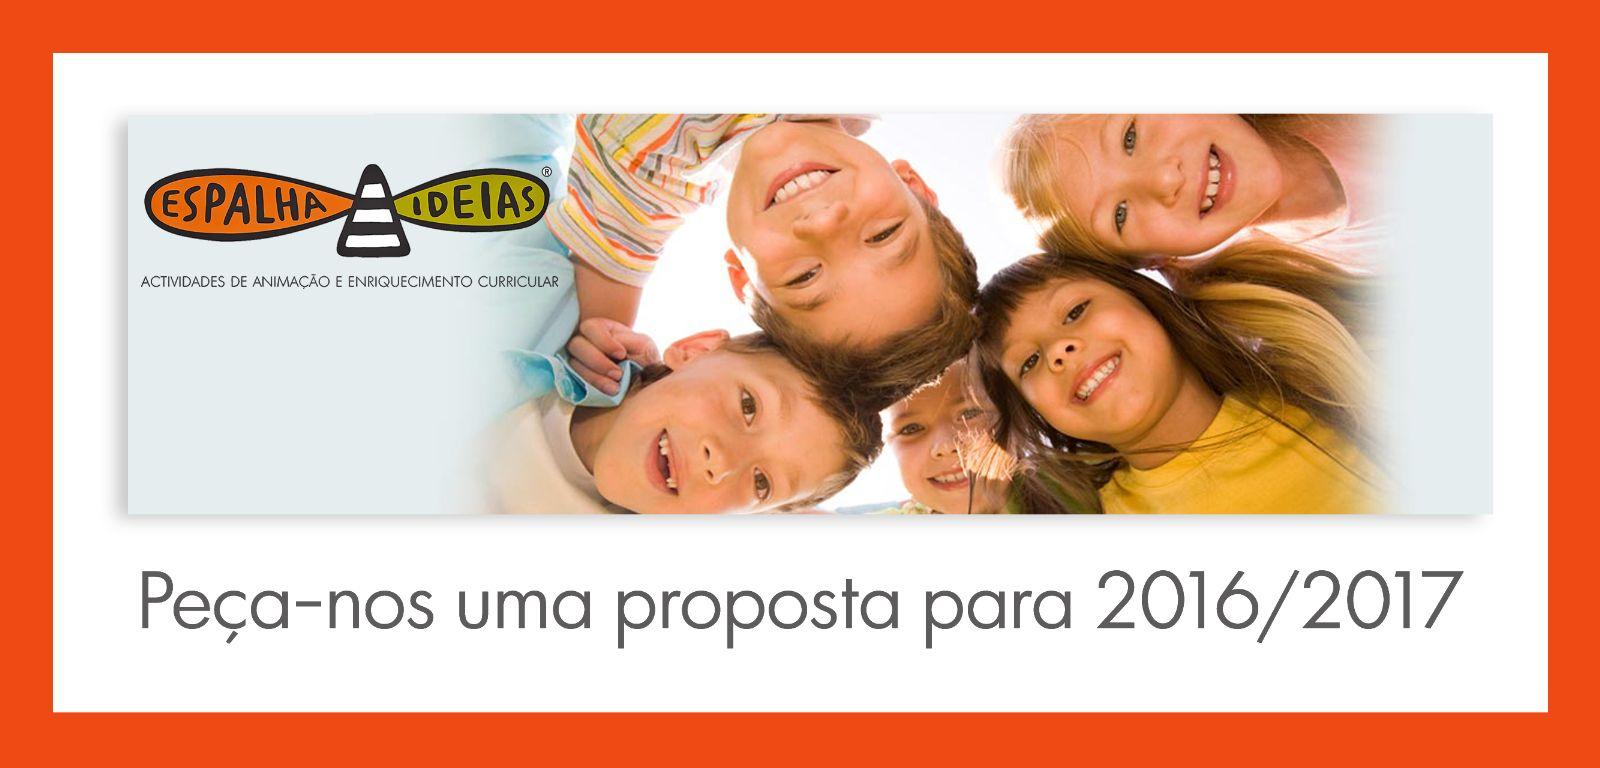 Pe�a-nos uma proposta para 2016/2017